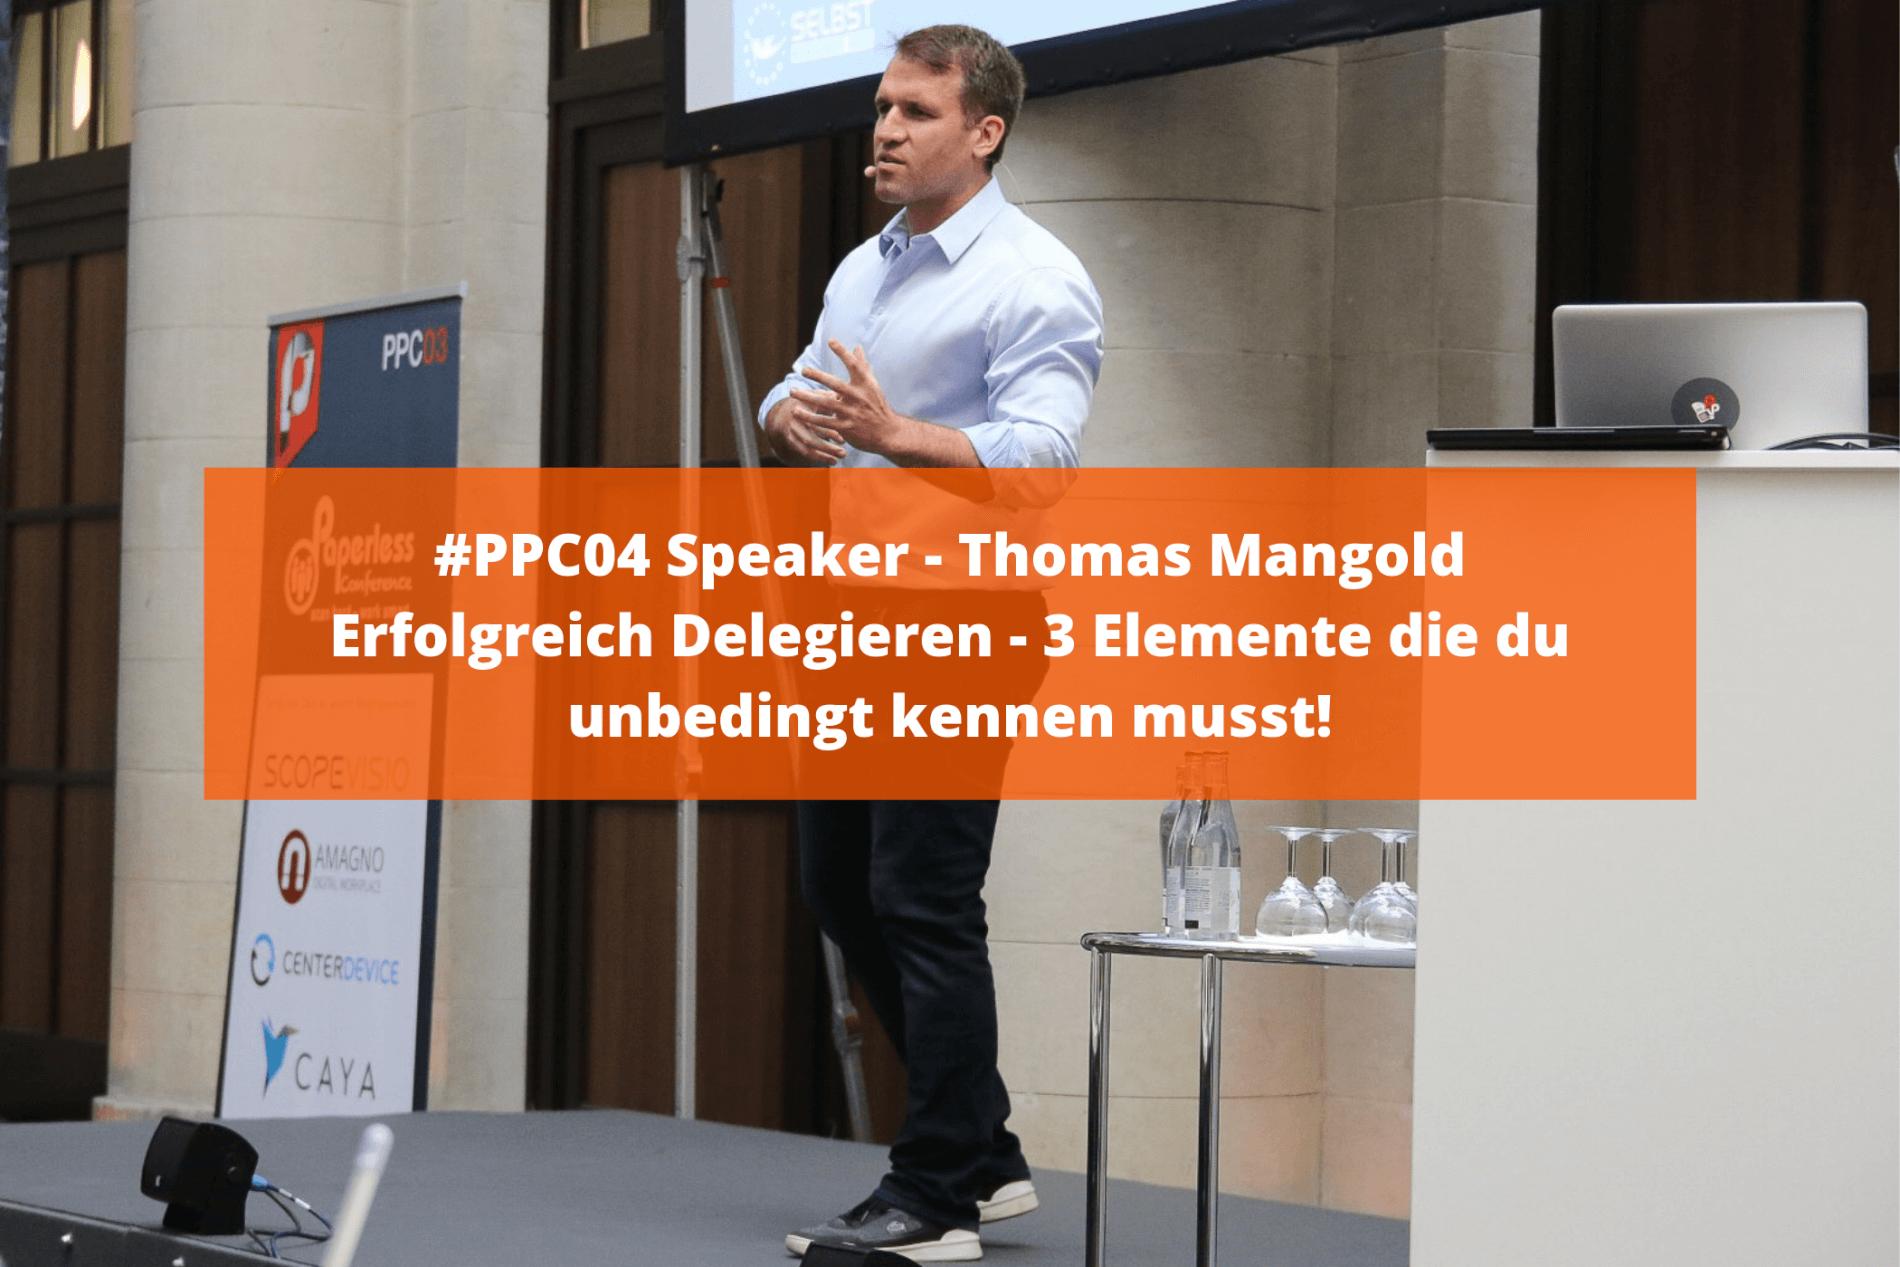 Erfolgreich Delegieren - 3 Elemente die du unbedingt kennen musst! - Interview mit Thomas Mangold